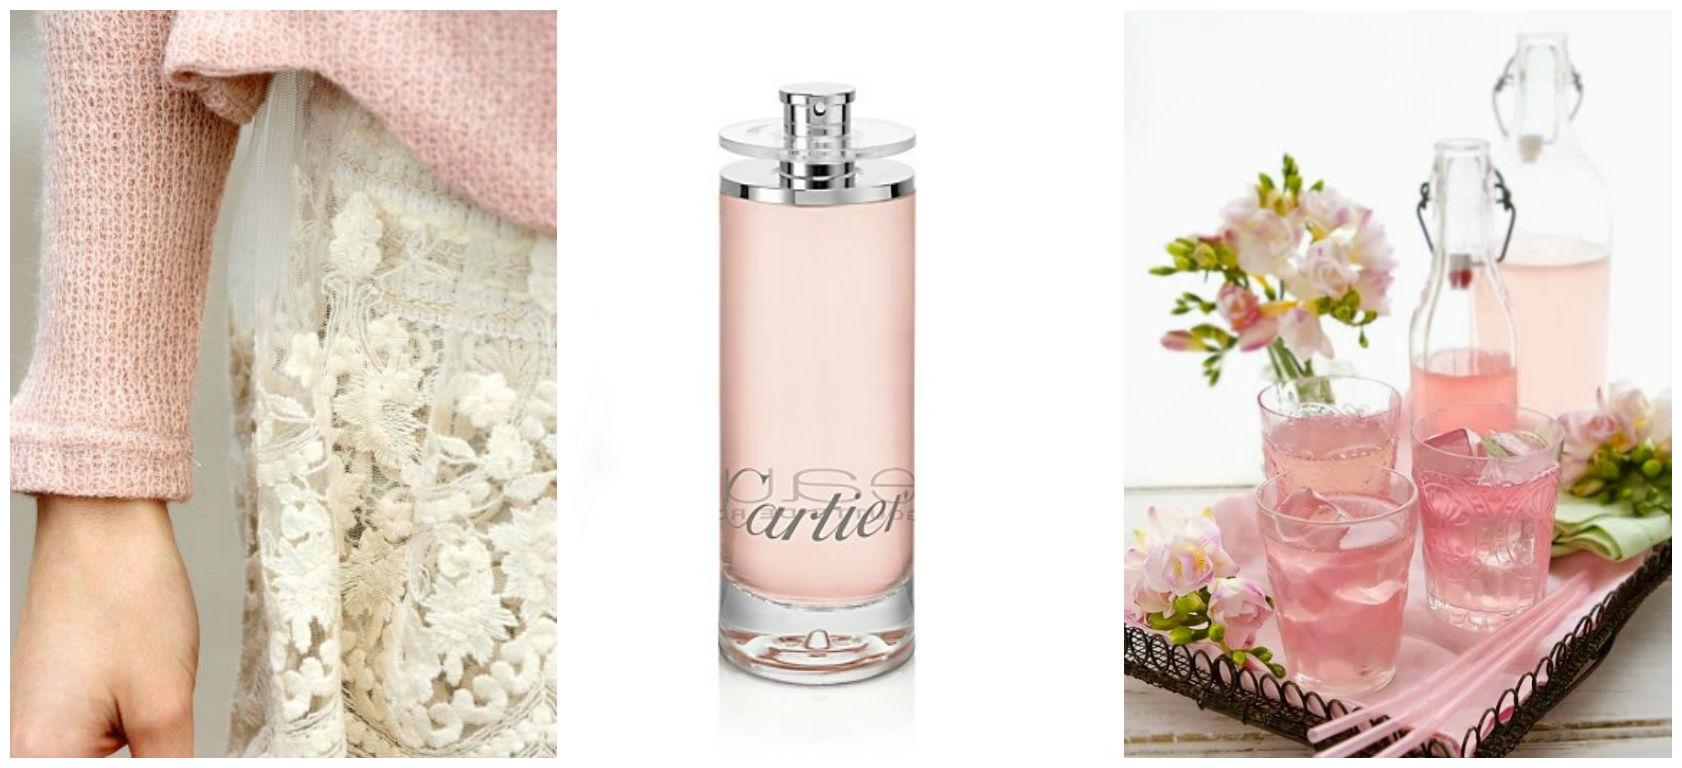 Cartier Goutte De Rose Perfume Review